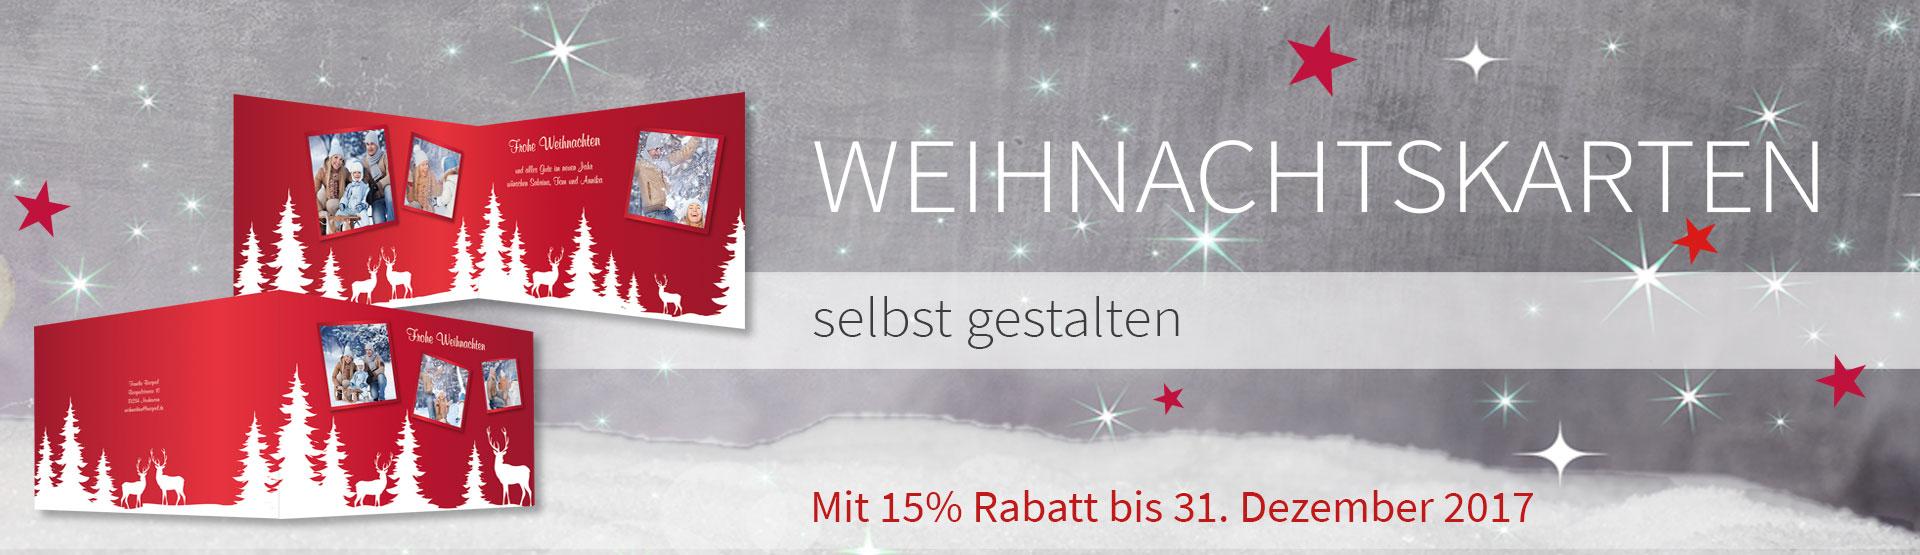 Weihnachtskarten shop gl ckwunschkarten und gru karten for Weihnachtskarten online gestalten kostenlos